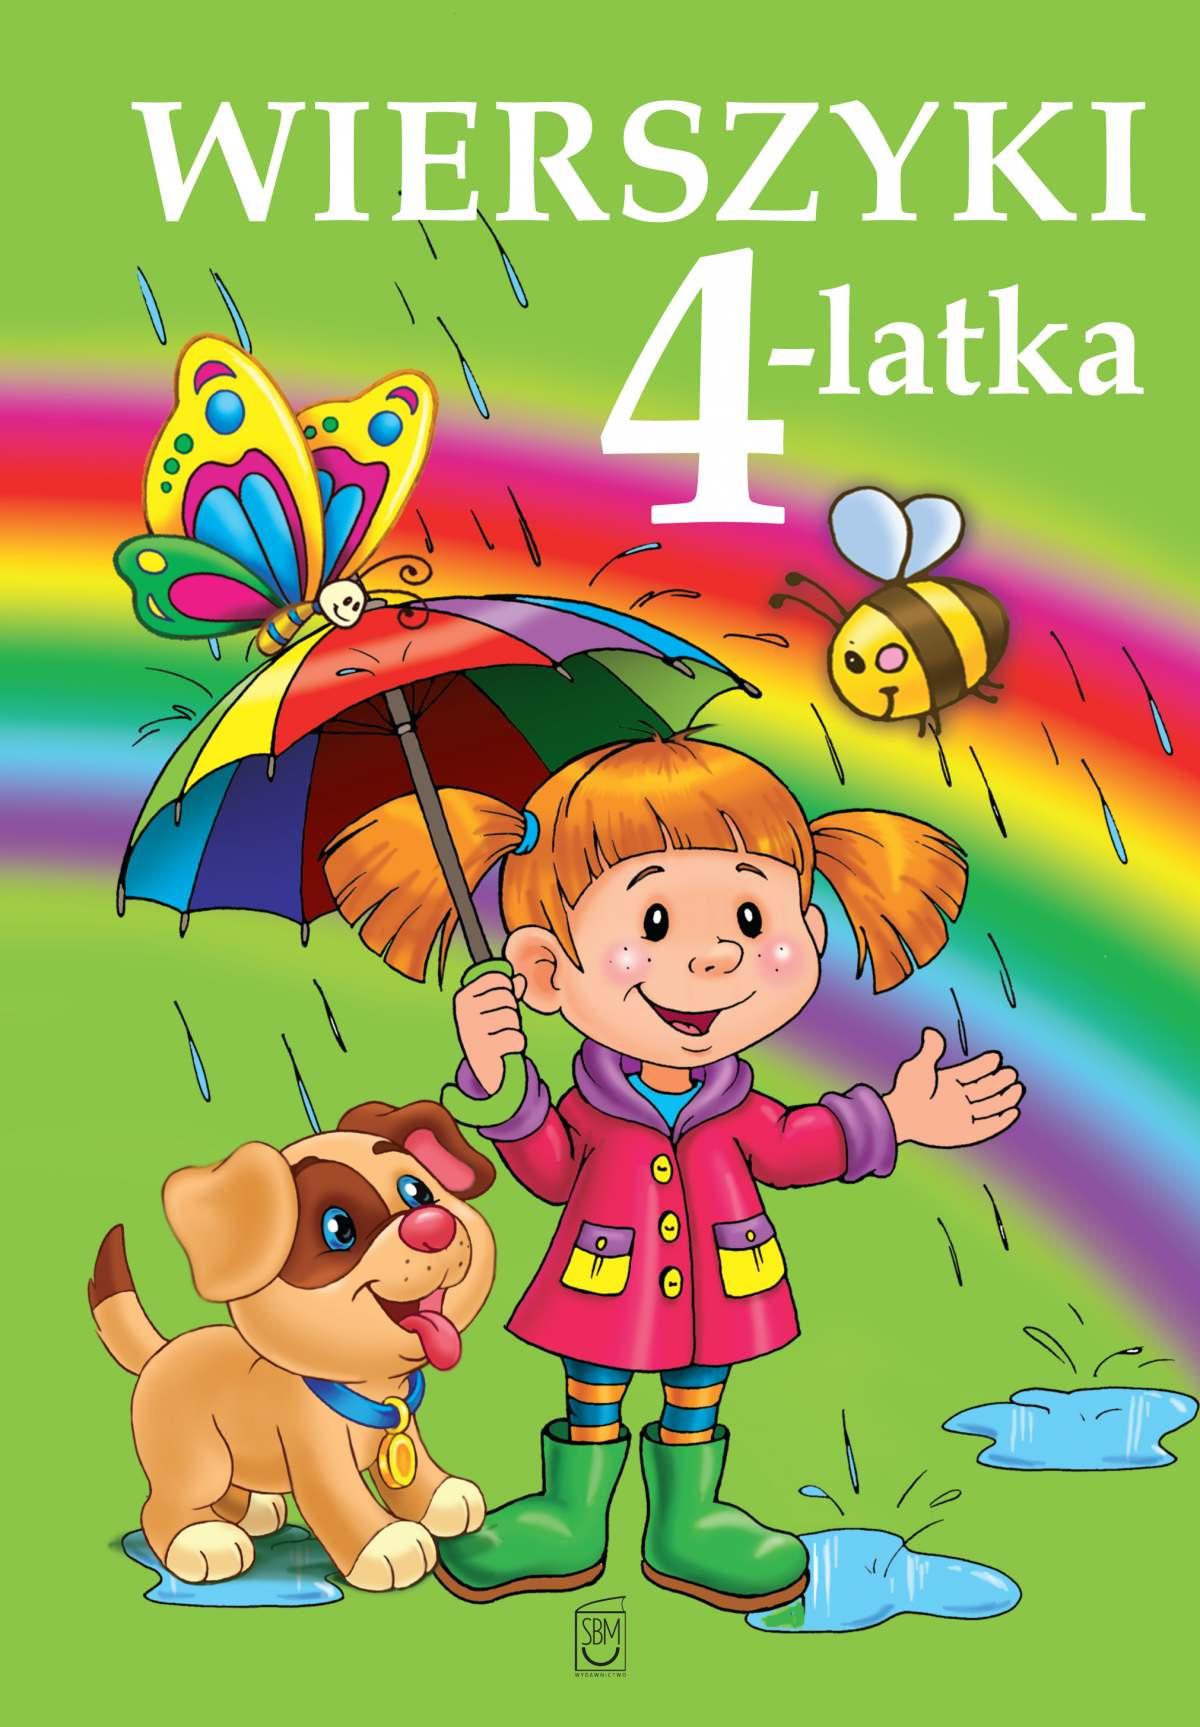 Wierszyki 4-latka - Ebook (Książka PDF) do pobrania w formacie PDF